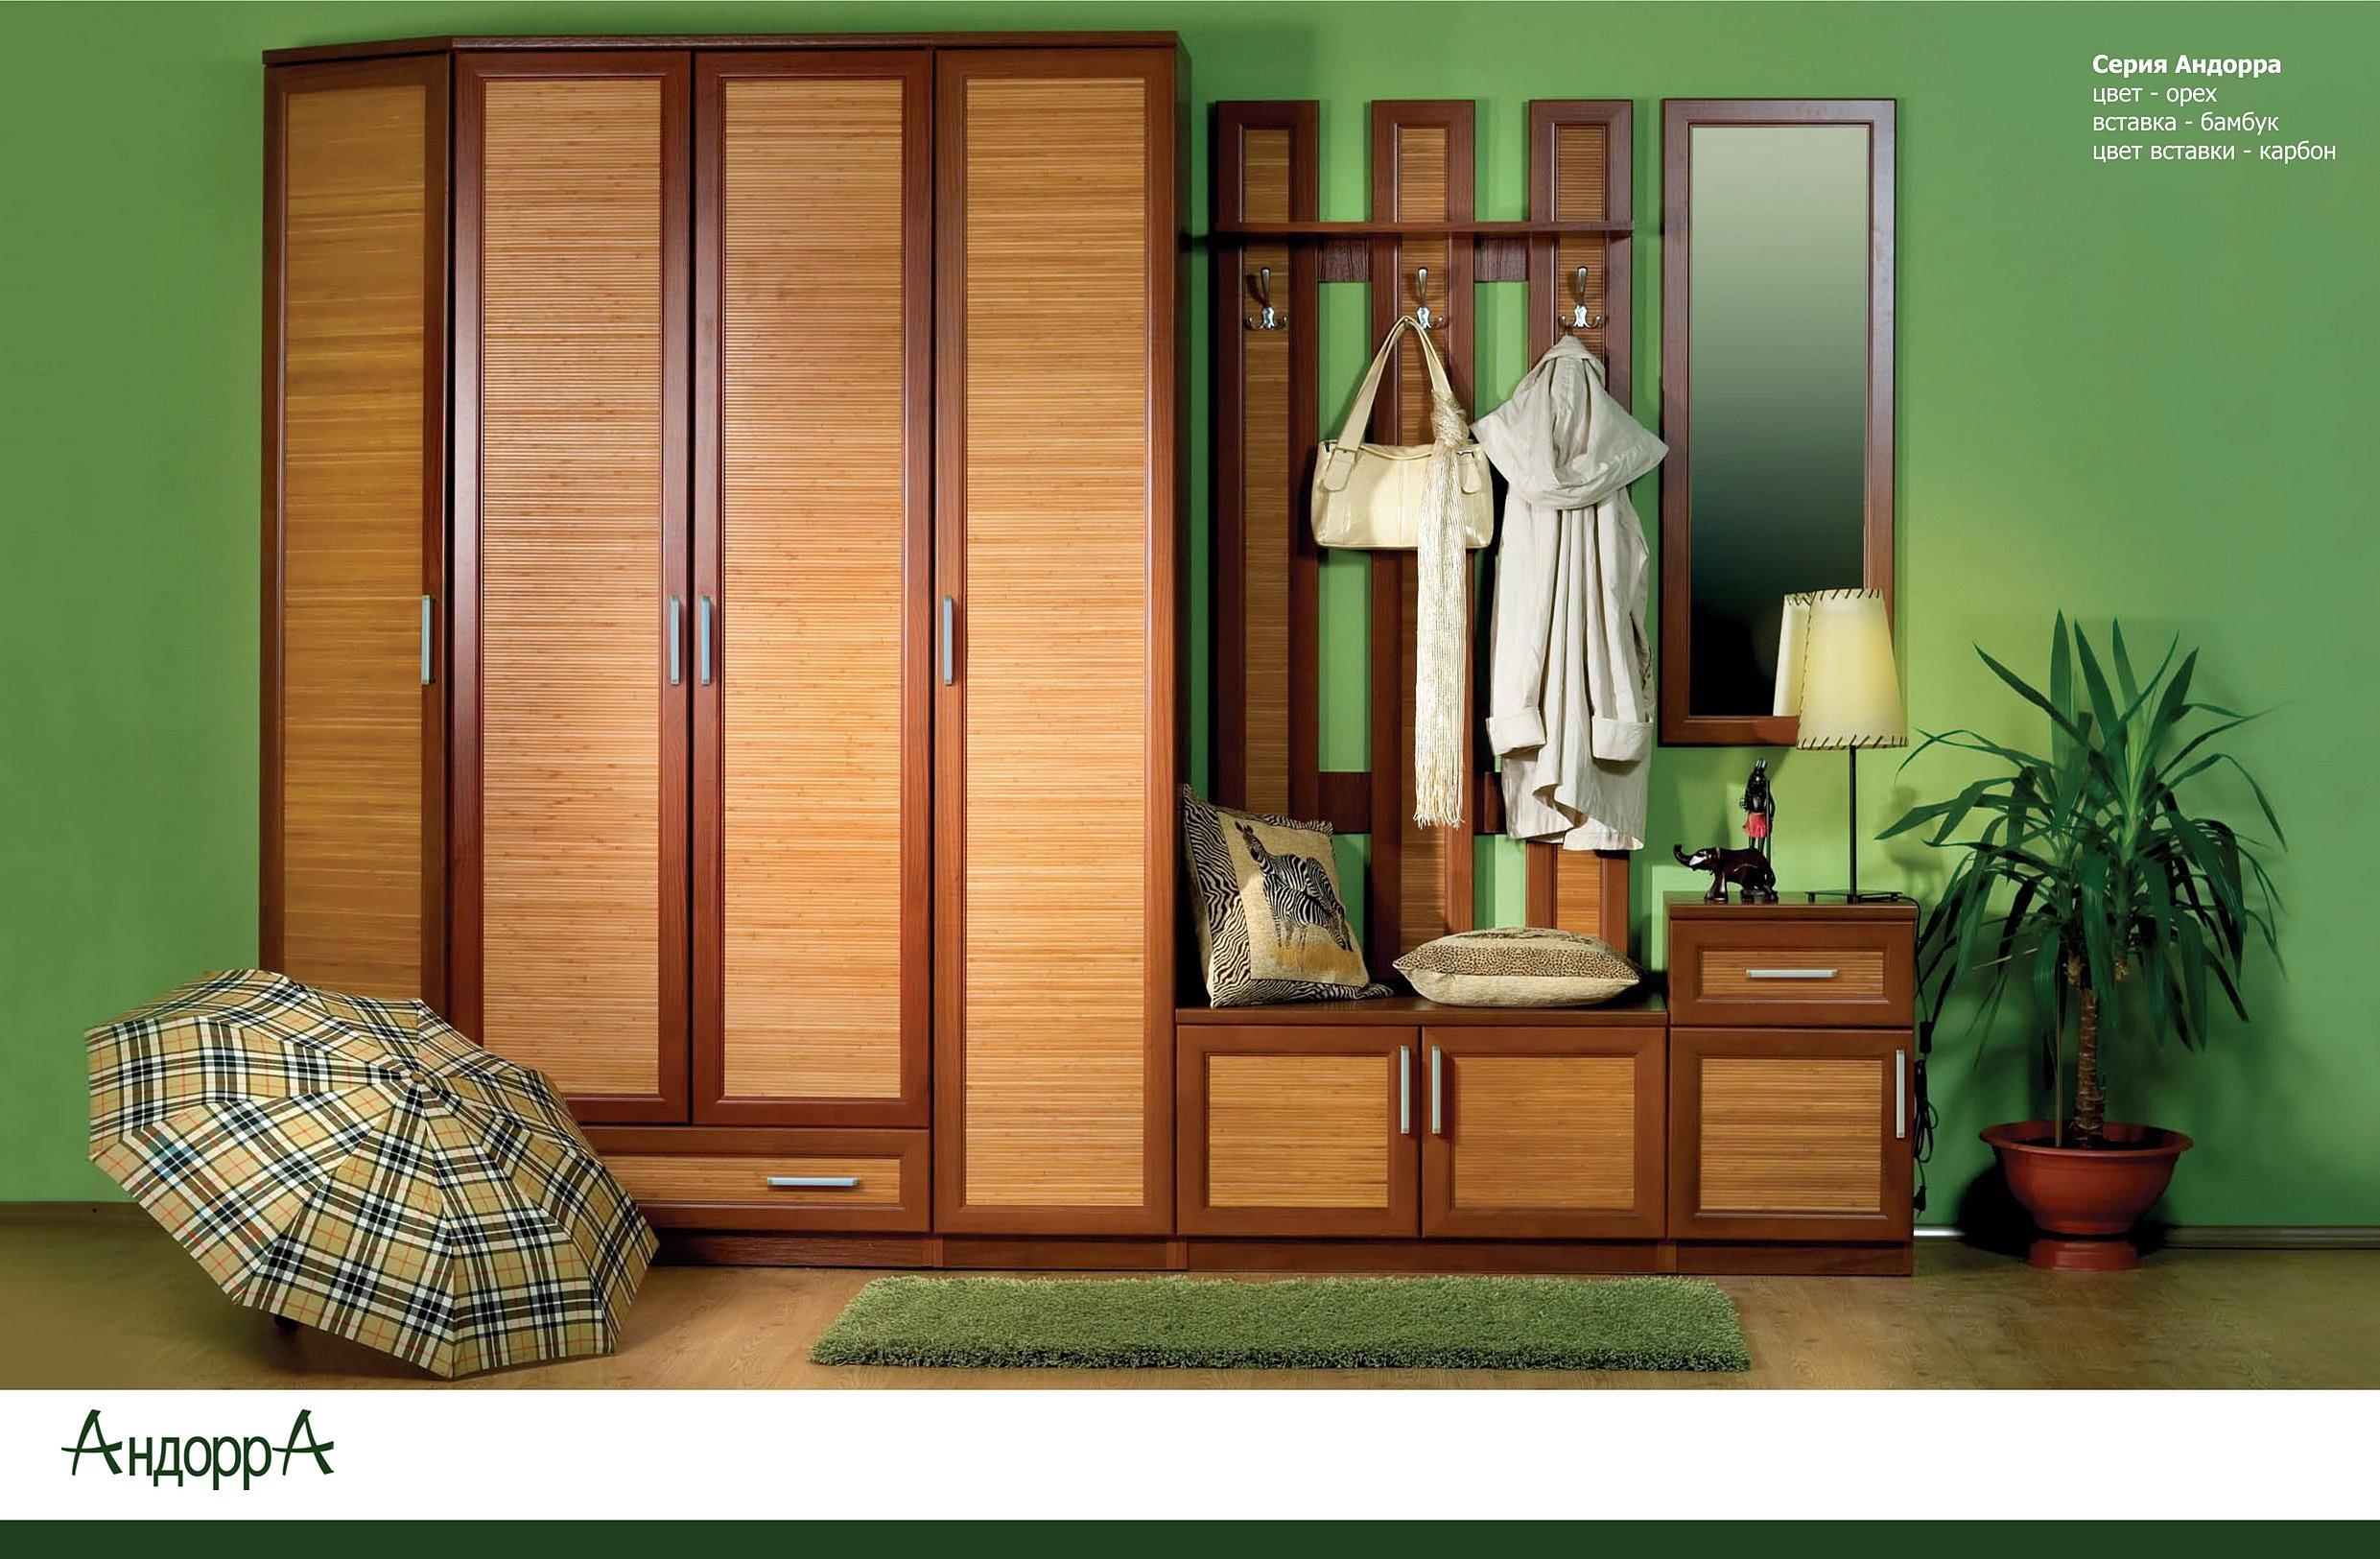 Шкафы-купе с бамбуком на заказ недорого в москве в компании .